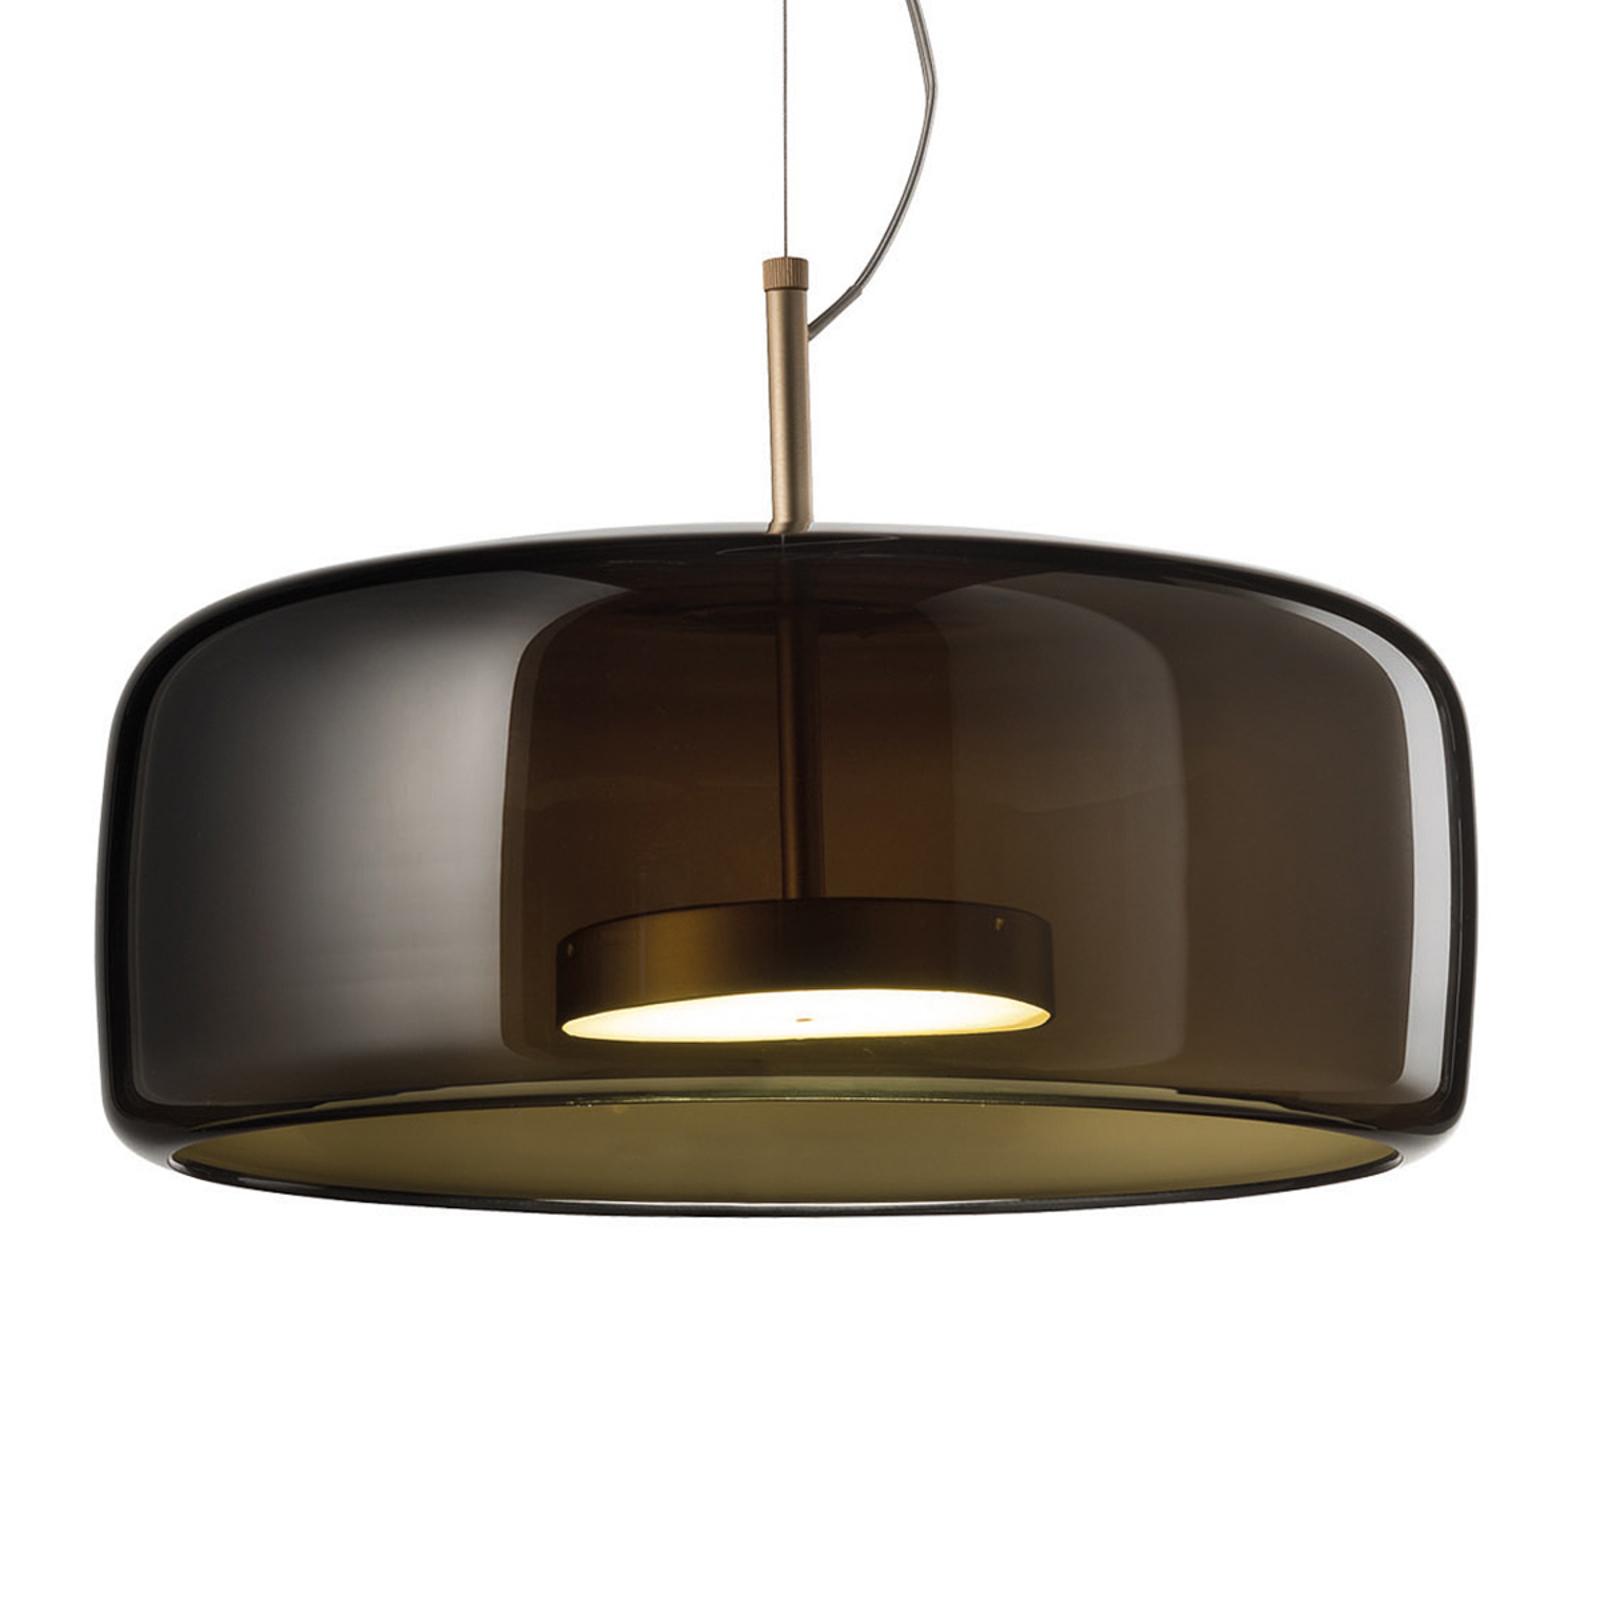 Lampa wisząca LED Jube SP 1G szklany klosz zielony